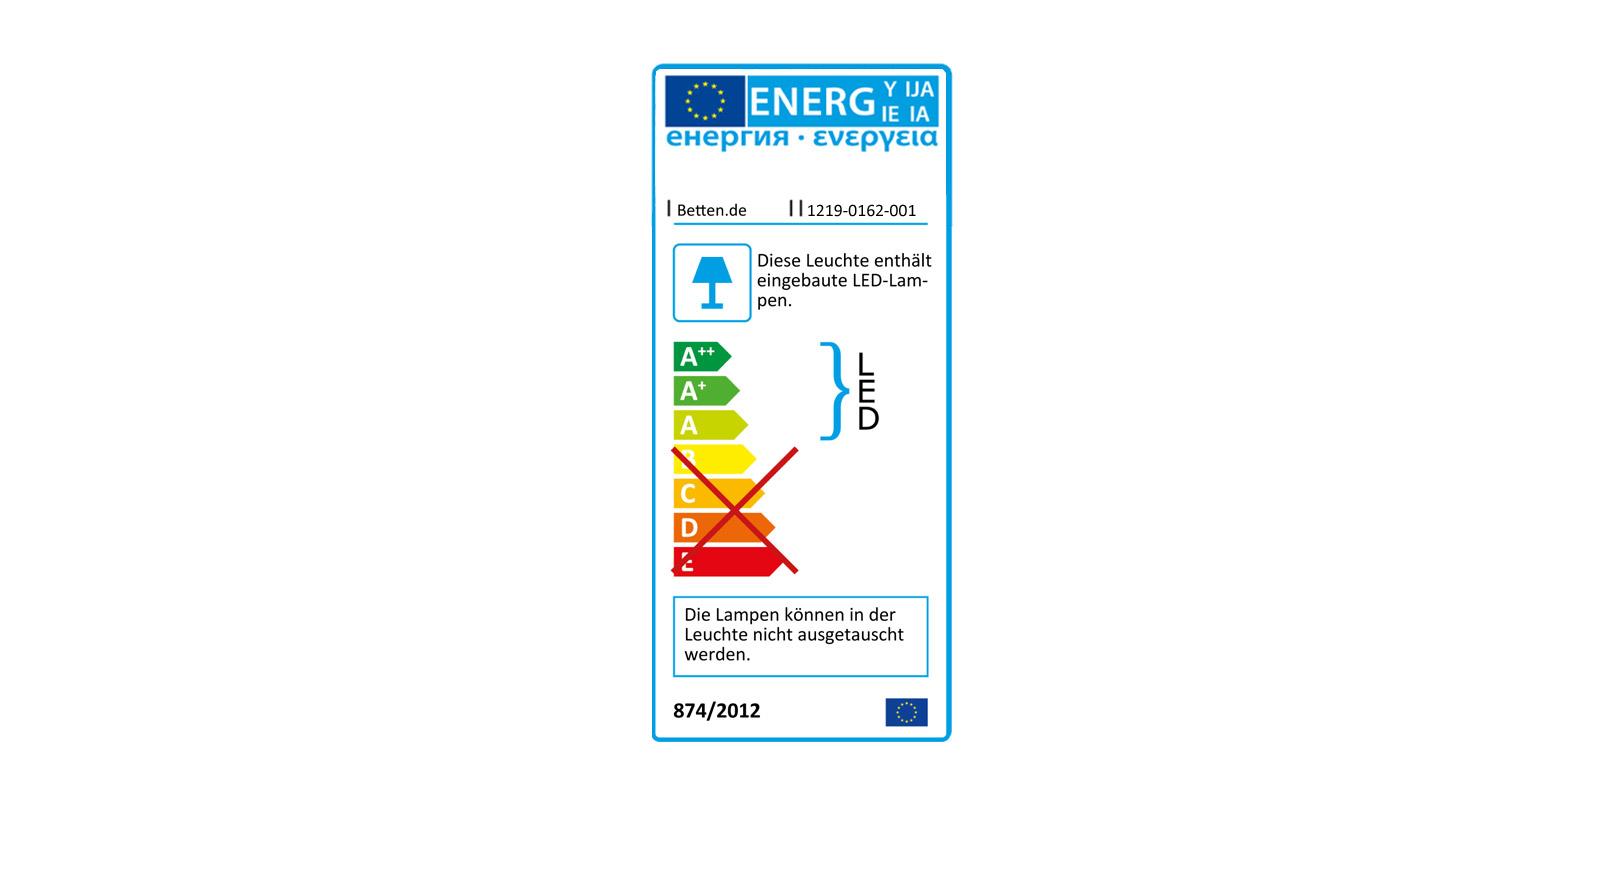 Energieverbrauchskennzeichnung der Bettleuchten Watford